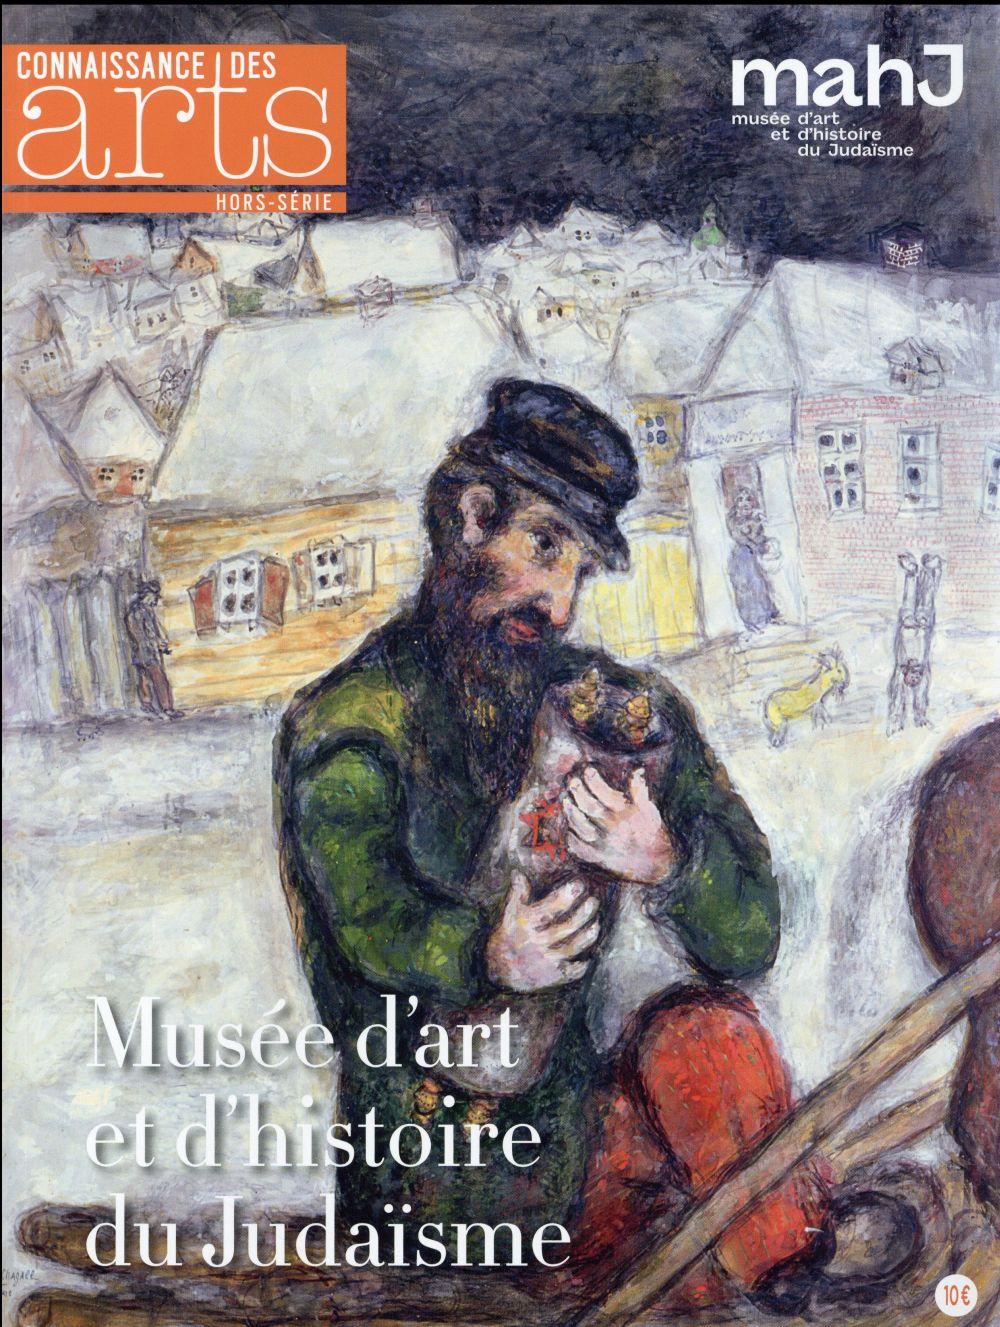 MUSEE D ART ET D HISTOIRE DU JUDAISME